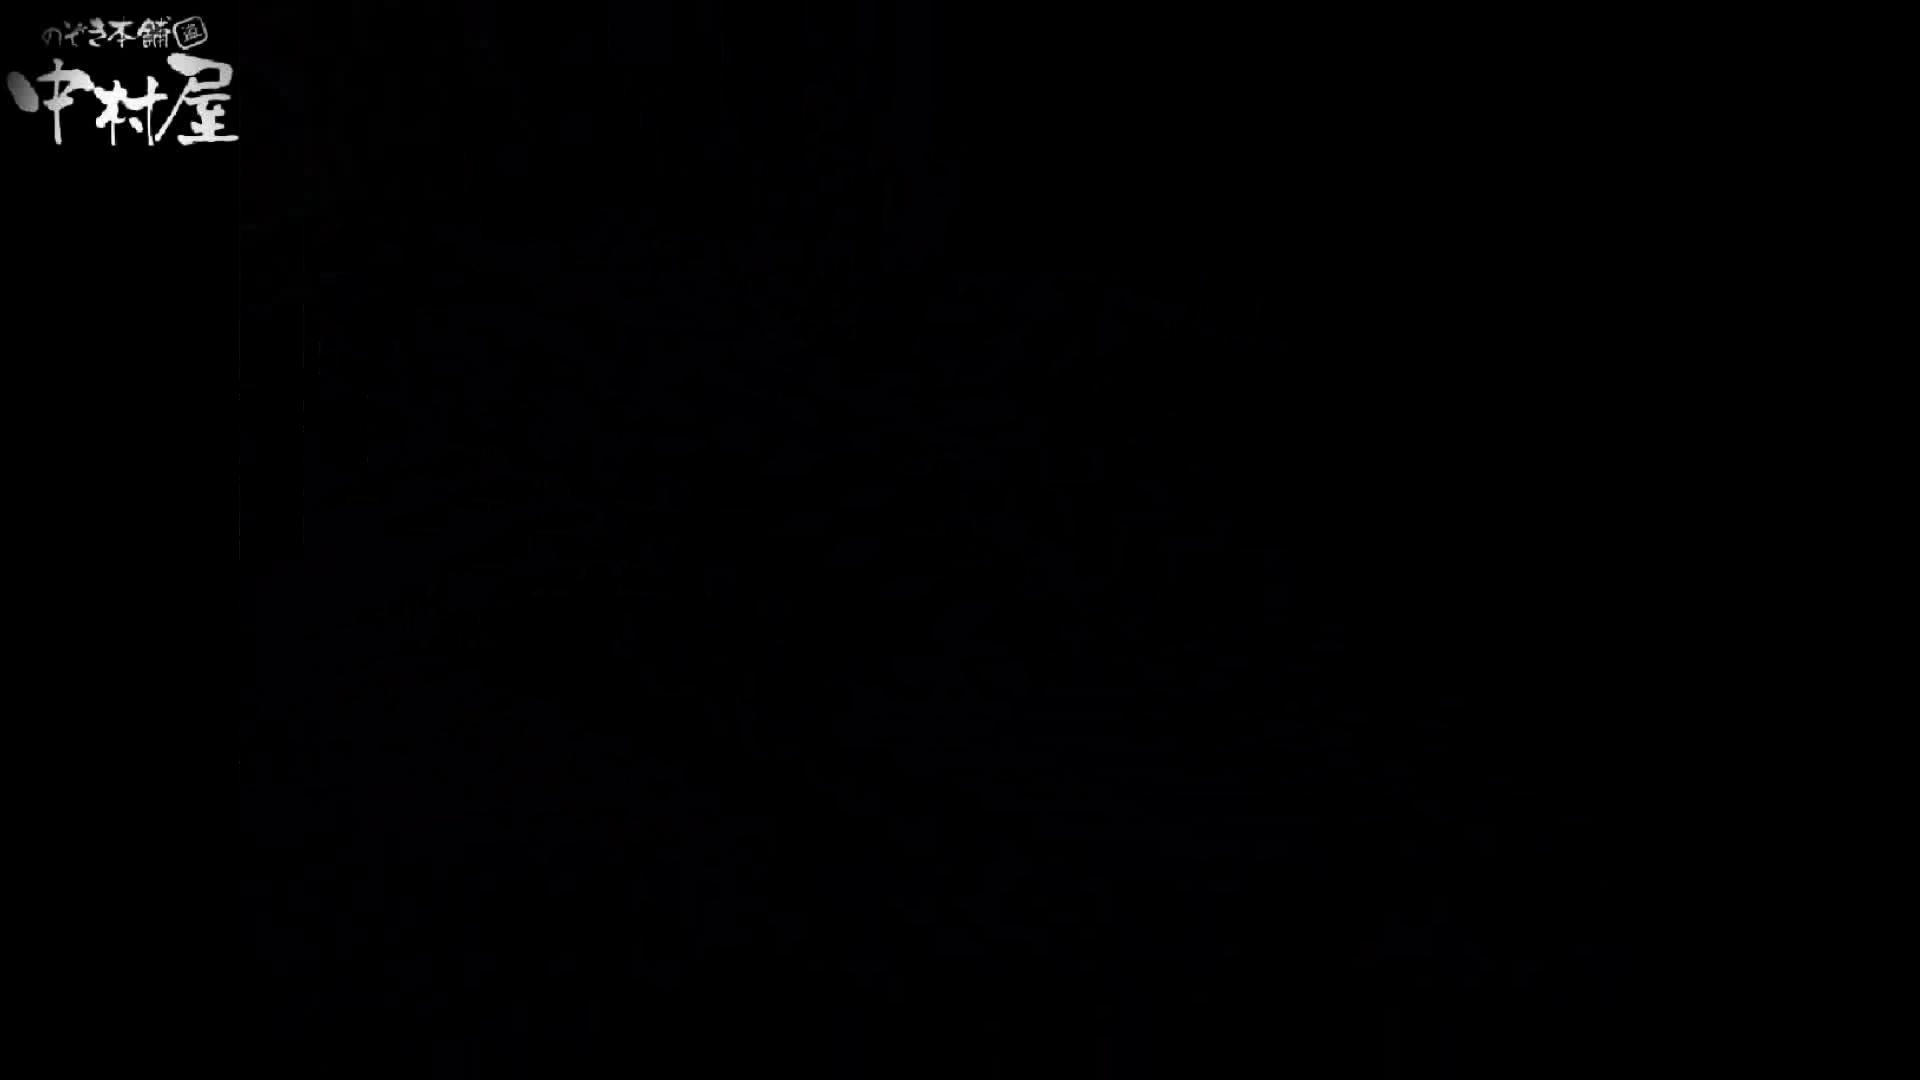 民家風呂専門盗撮師の超危険映像 vol.022 盗撮 濡れ場動画紹介 54PICs 14